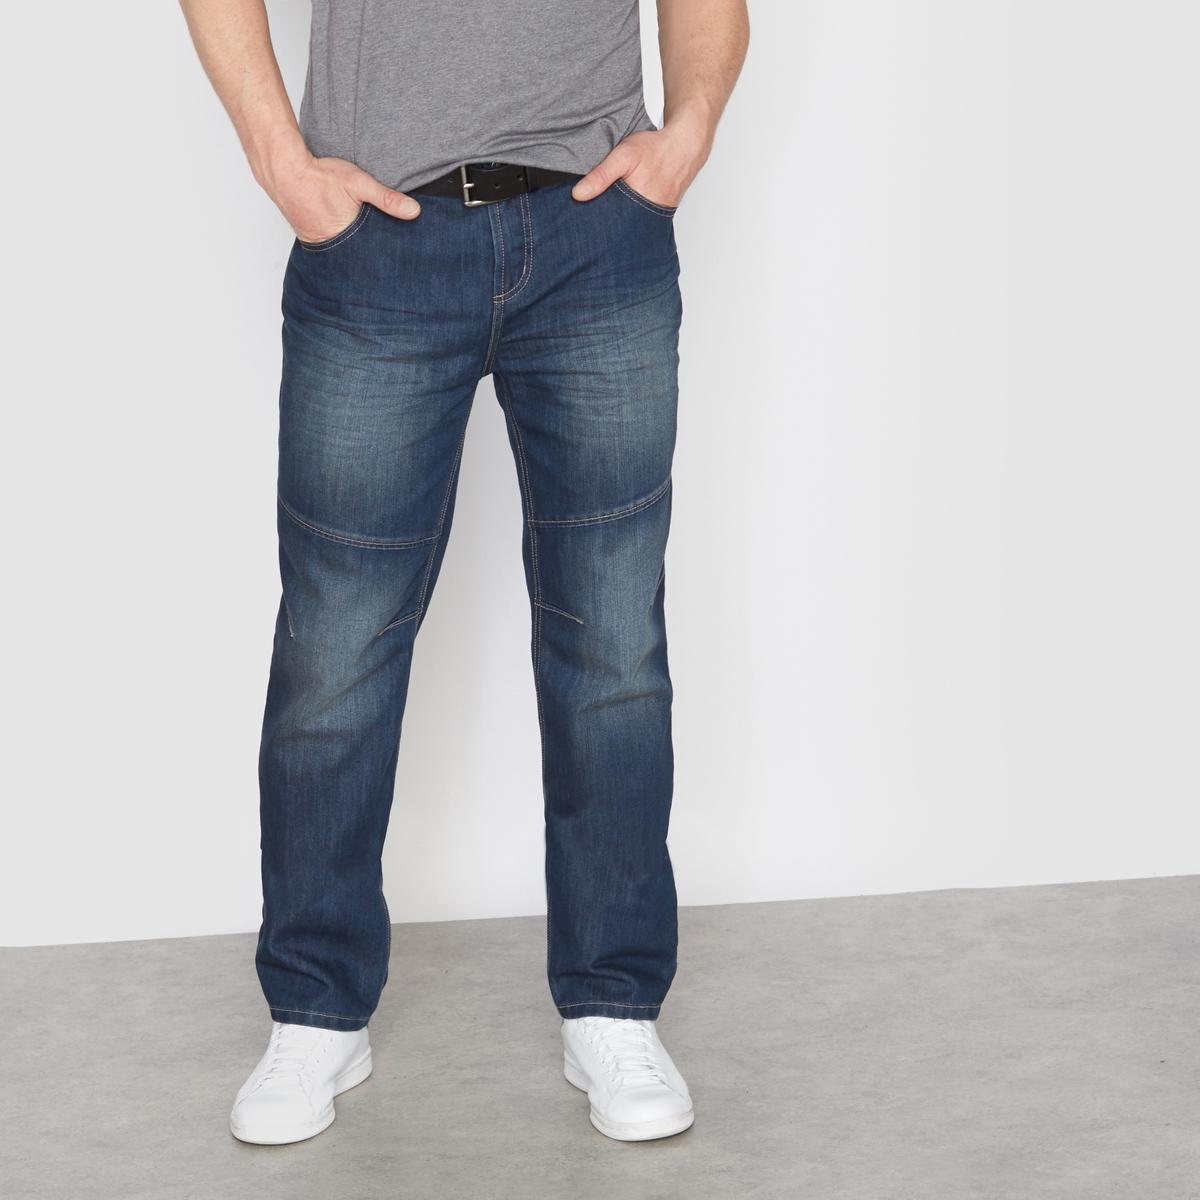 Джинсы эластичные, прямой покрой, 5 кармановДжинсы эластичные, прямой покрой, 5 карманов. Линялый эффект спереди. Эластичный пояс спереди и сзади. Застежка на молнию. Вытачки и строчка на коленях. Перманентные складки на коленях и бёдрах. Деним, 55% хлопка, 45% полиэстера. Длина по внутреннему шву 83 см, ширина по низу 23 см.<br><br>Цвет: темный серо-синий<br>Размер: 66.58.56.64